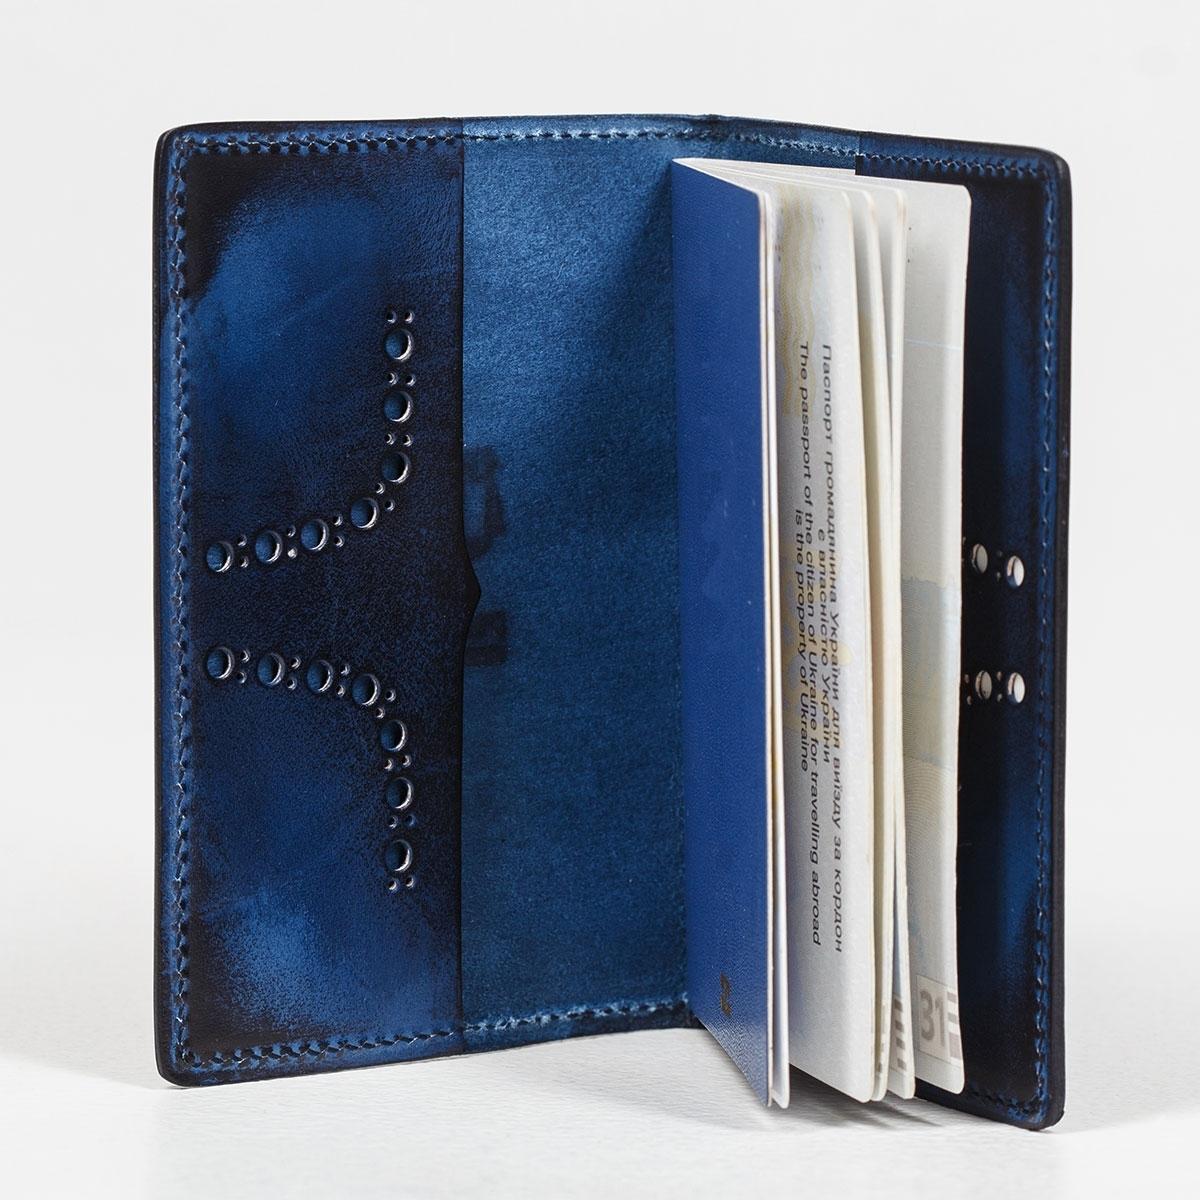 Обложка для паспорта CYNARA зеленый травяной & голубой сапфир